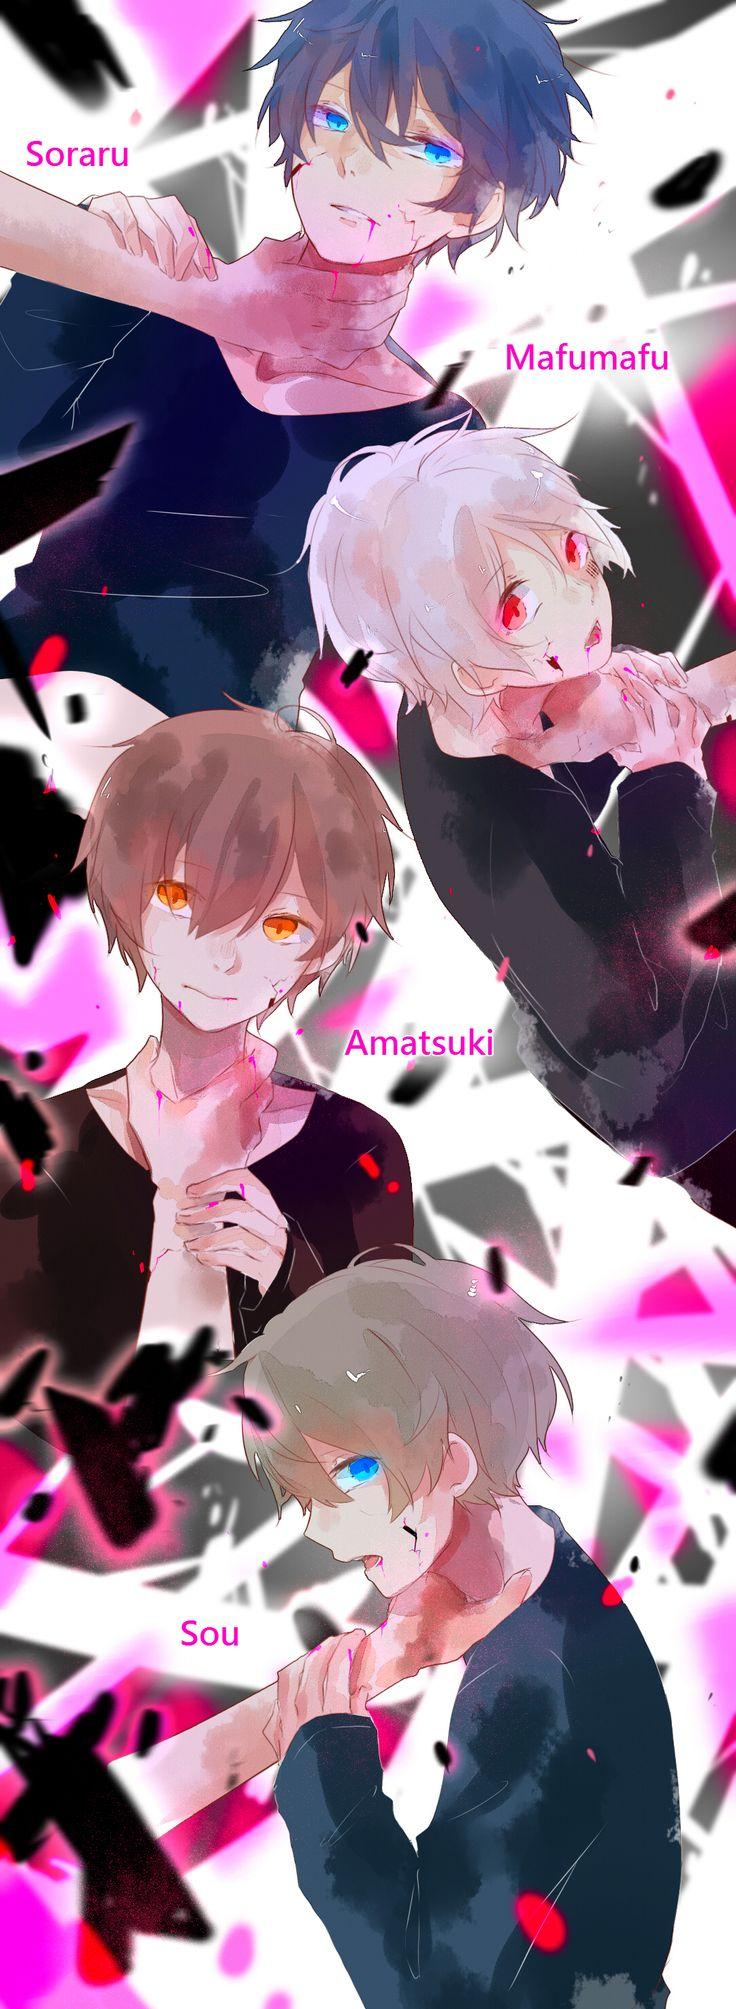 【ゴーストルール】Utaites Soraru, Mafumafu, Amatsuki, and Sou Drawn by うさぎ